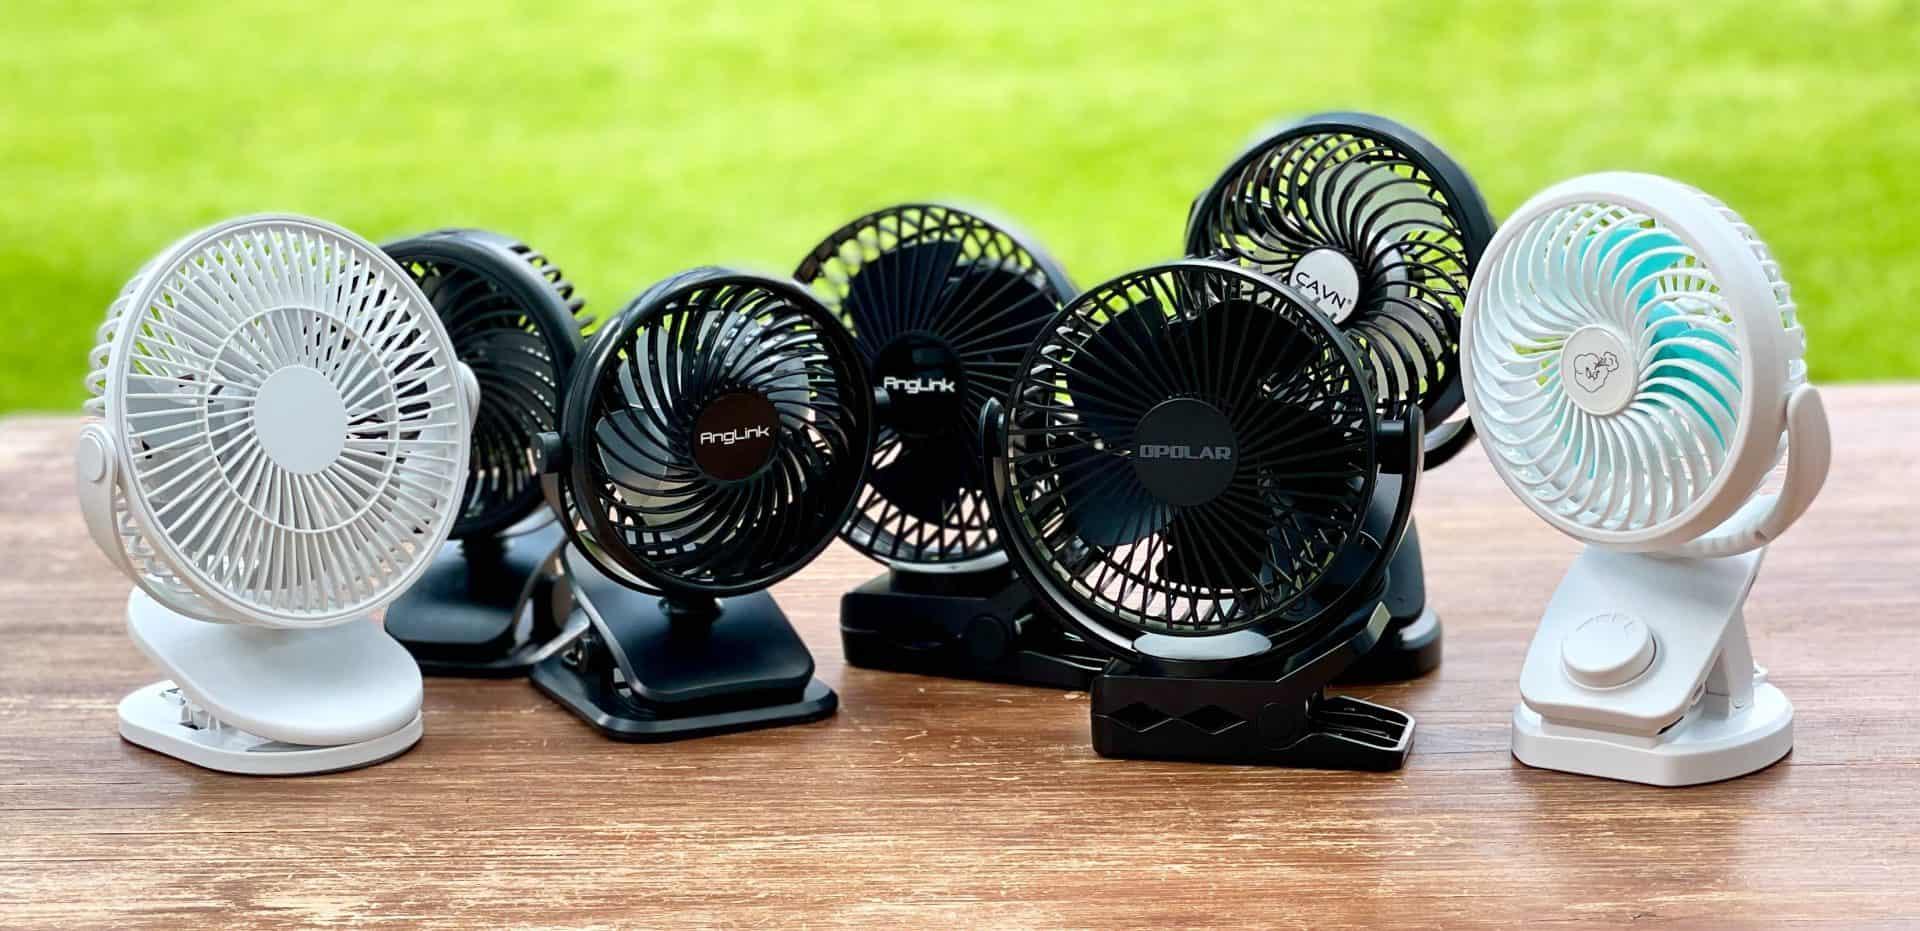 USB-Akku-Ventilator-ohne-Klimaanlage-CAVN-Qhui-Mini-AngLink-Mini-AnkLink-Mini-Alternative-OPOLAR-REENUO-Mini-YiWeel-1